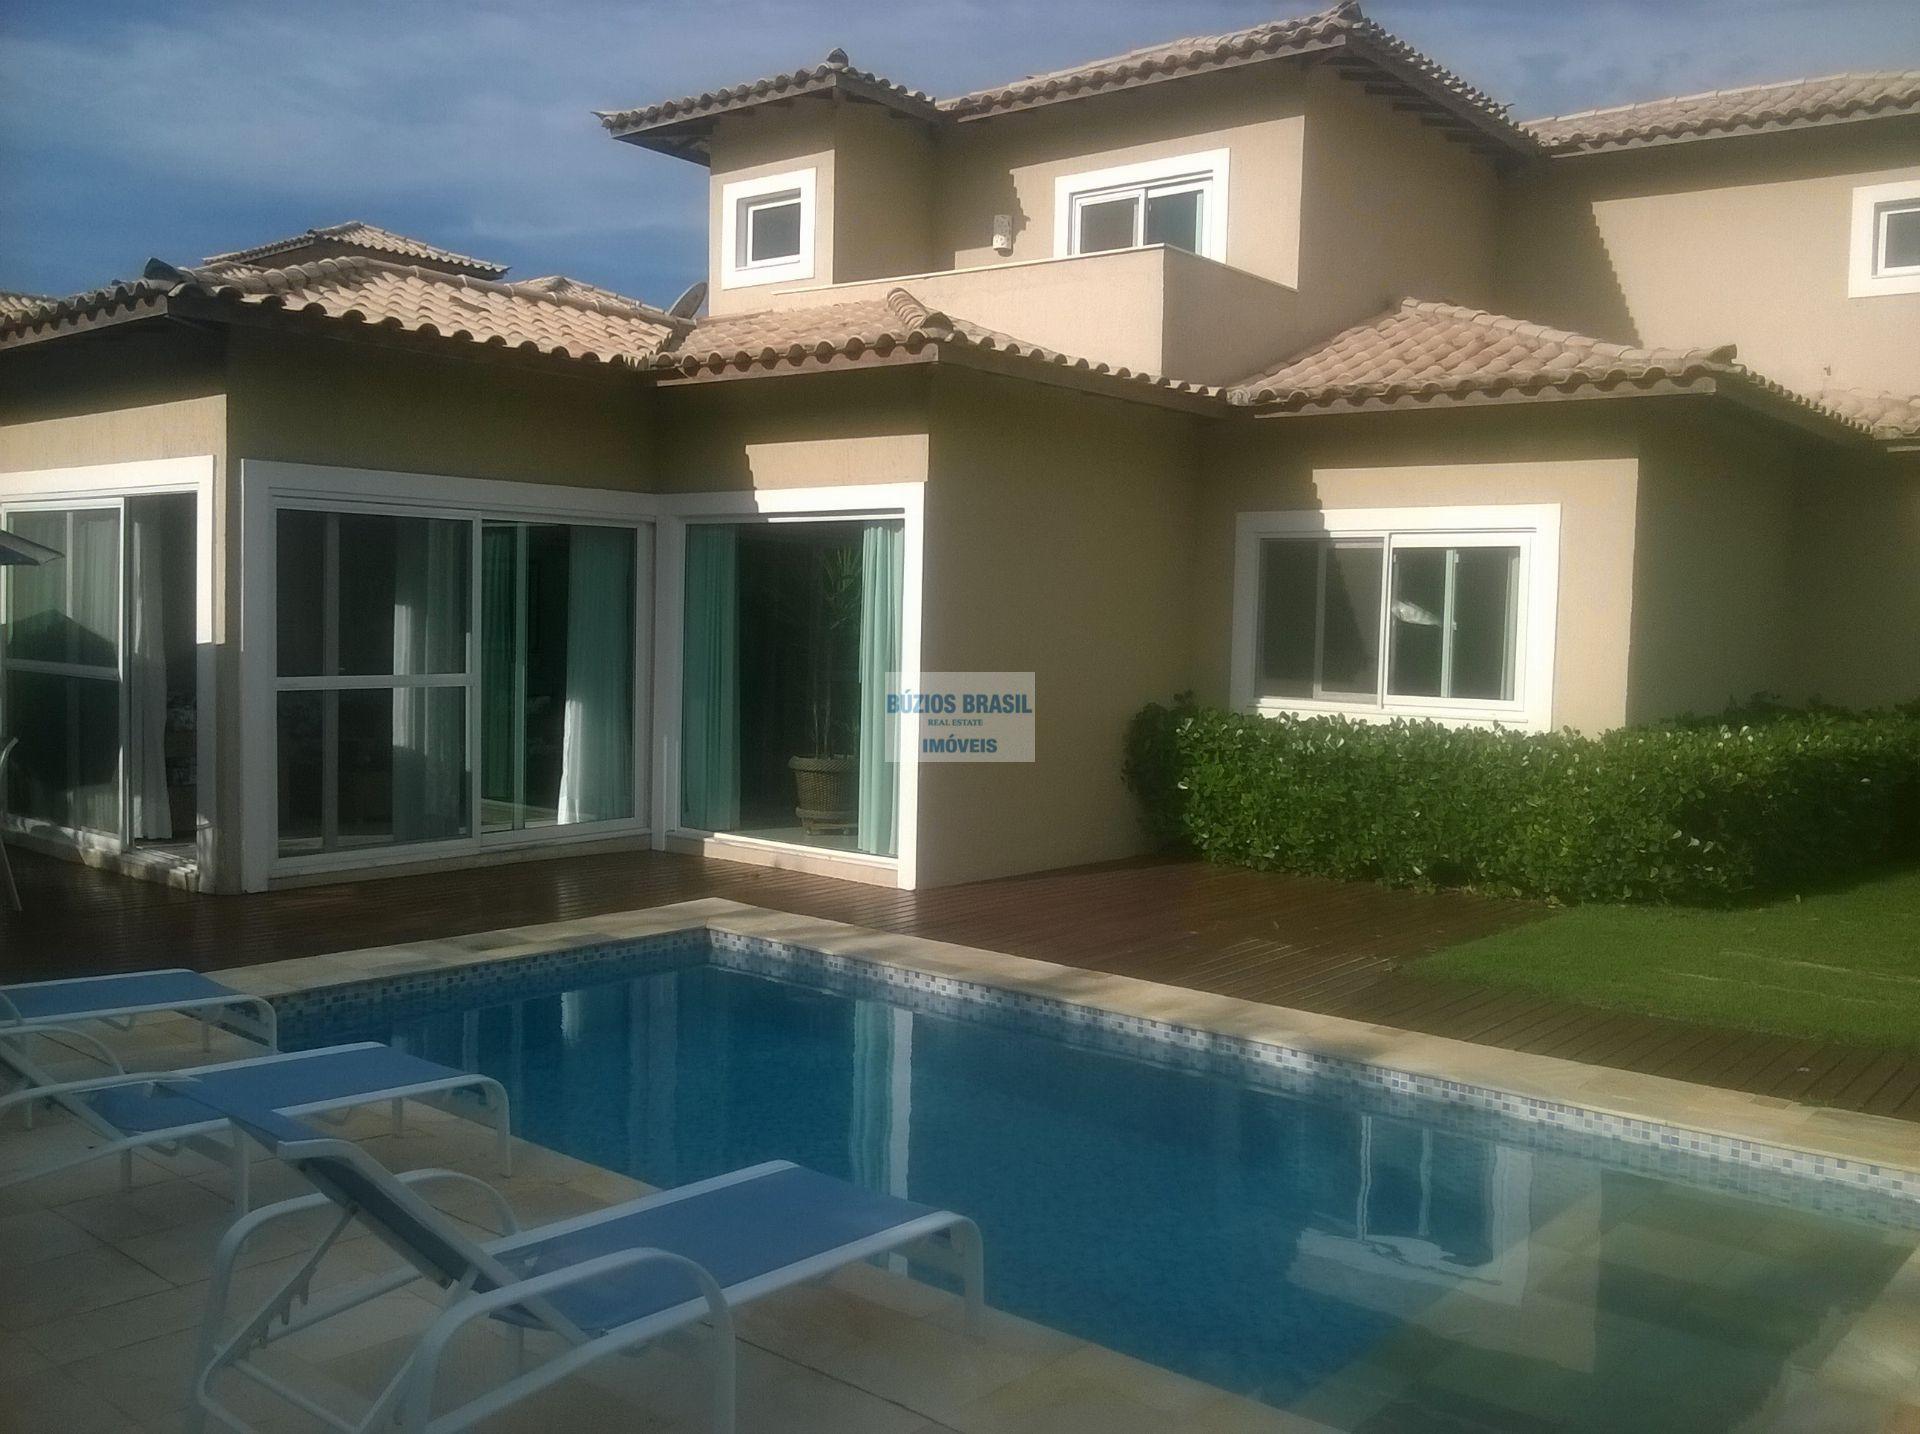 Casa em Condomínio para alugar Avenida José Bento Ribeiro Dantas,centro, Armação dos Búzios - LTC6 - 31